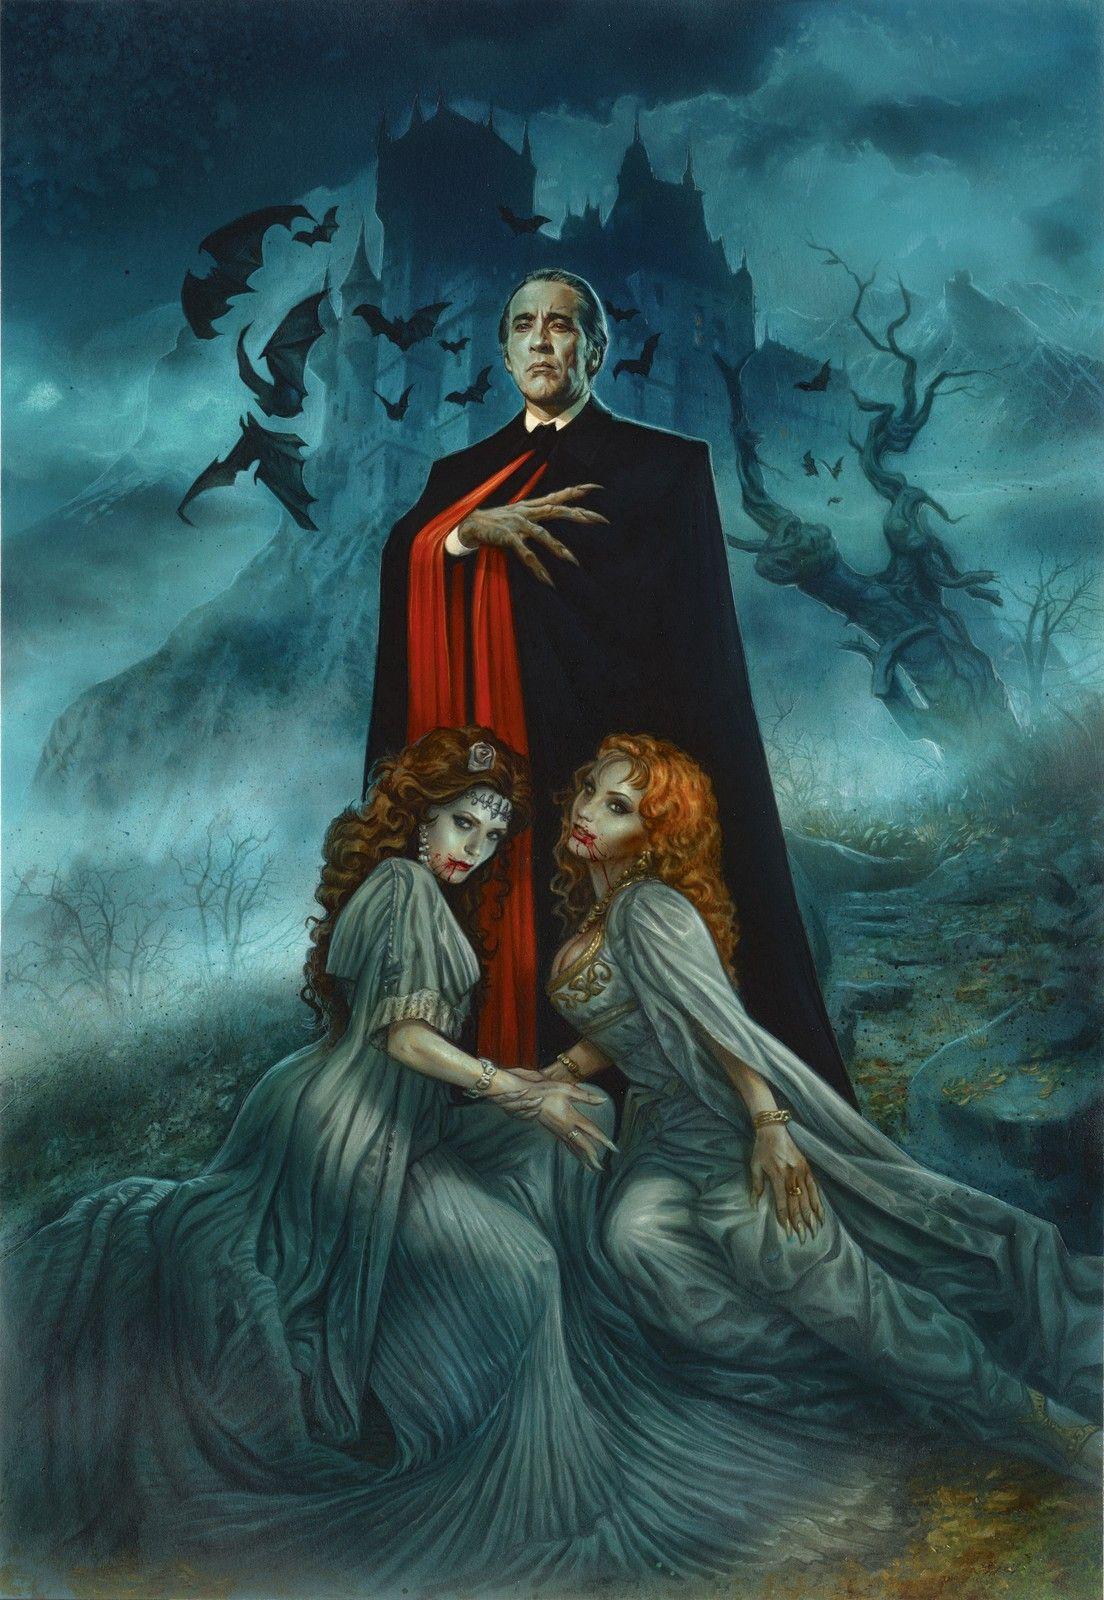 Pin by Alex Brannon on Hammer Film Productions | Dracula art, Vampire art,  Hammer horror films